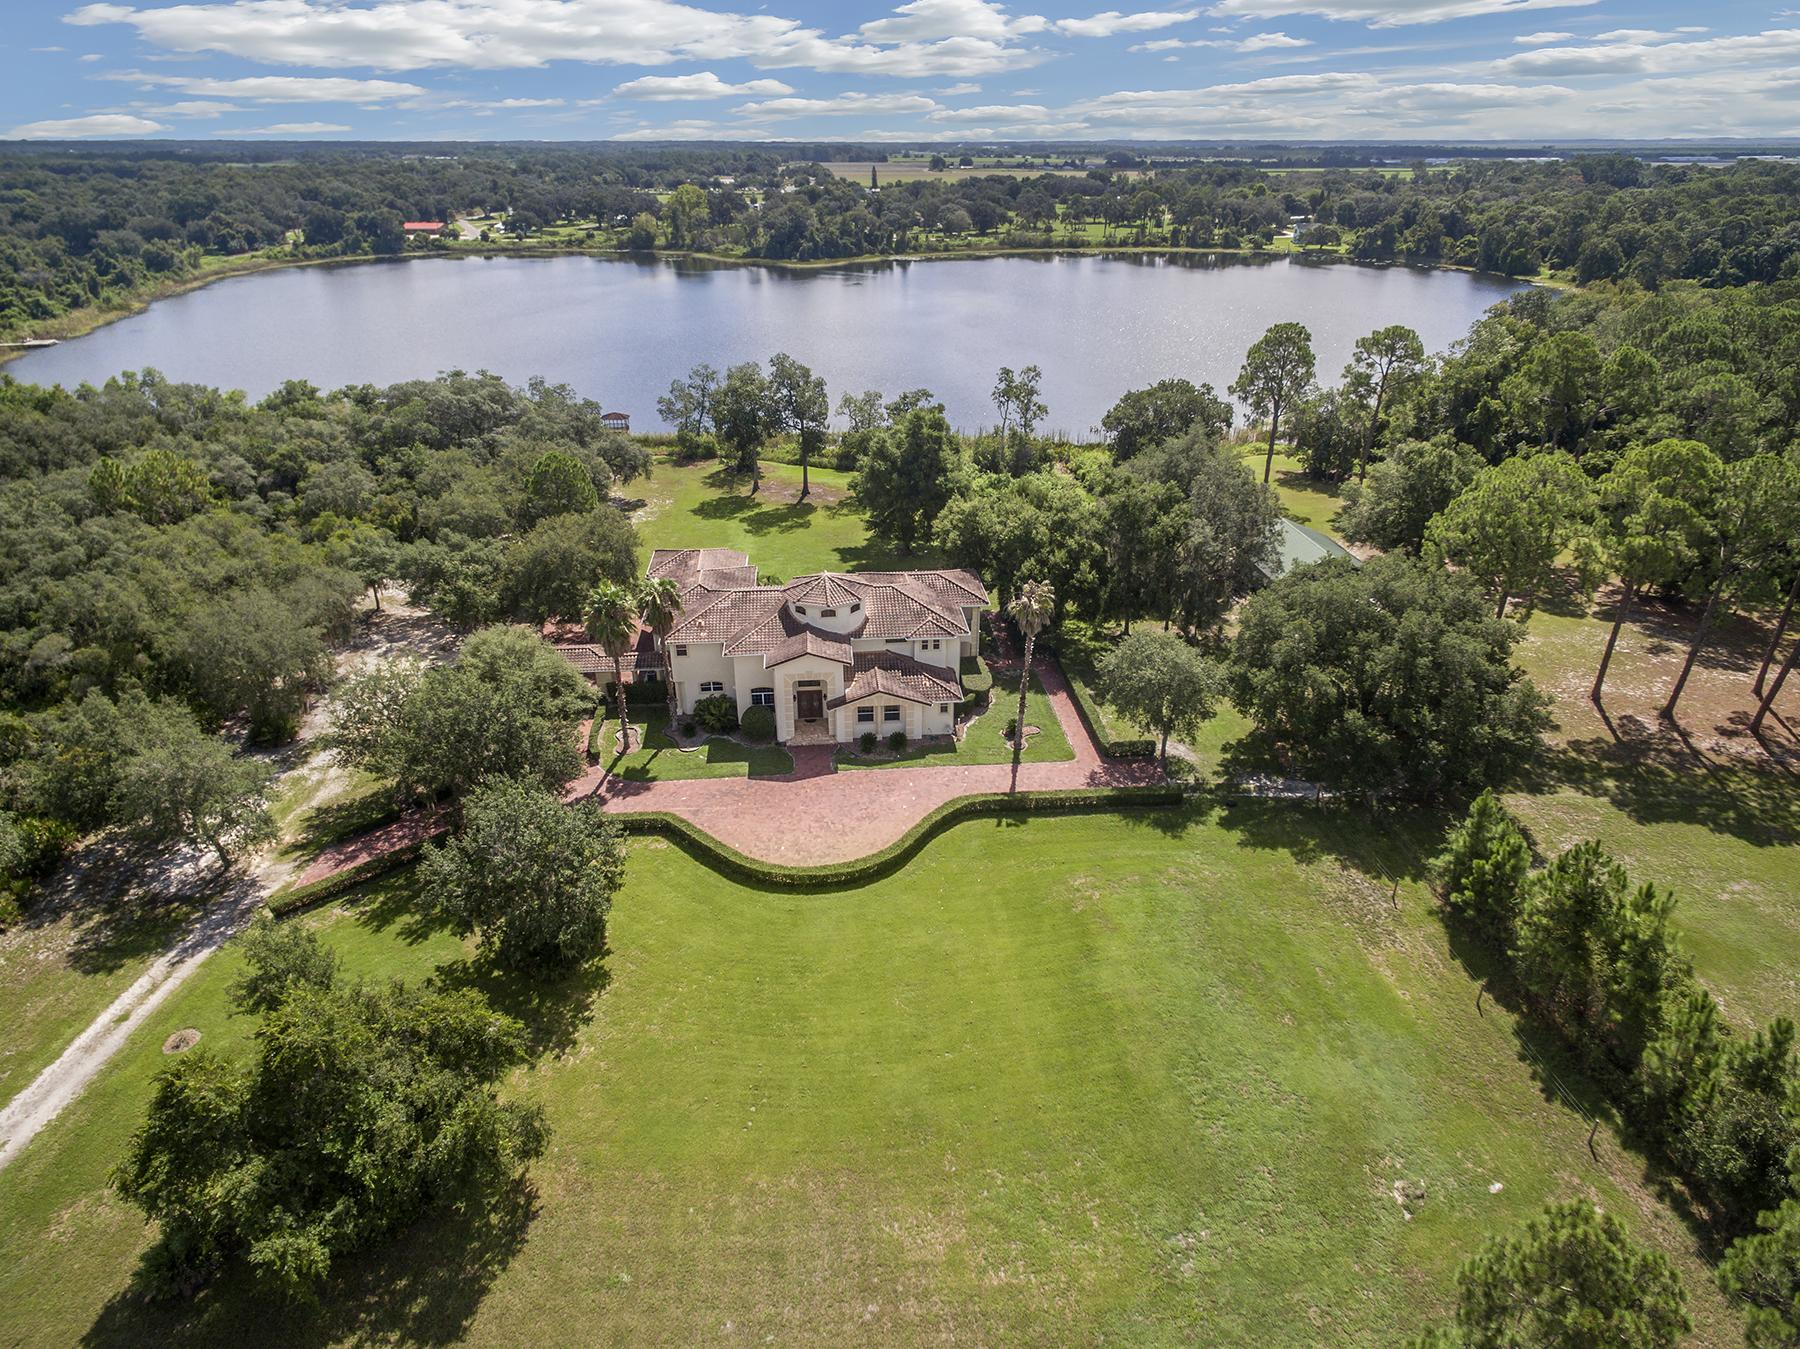 独户住宅 为 销售 在 Orlando - Mount Dora 27007 Lake Lena 蒙特多拉, 佛罗里达州, 32757 美国